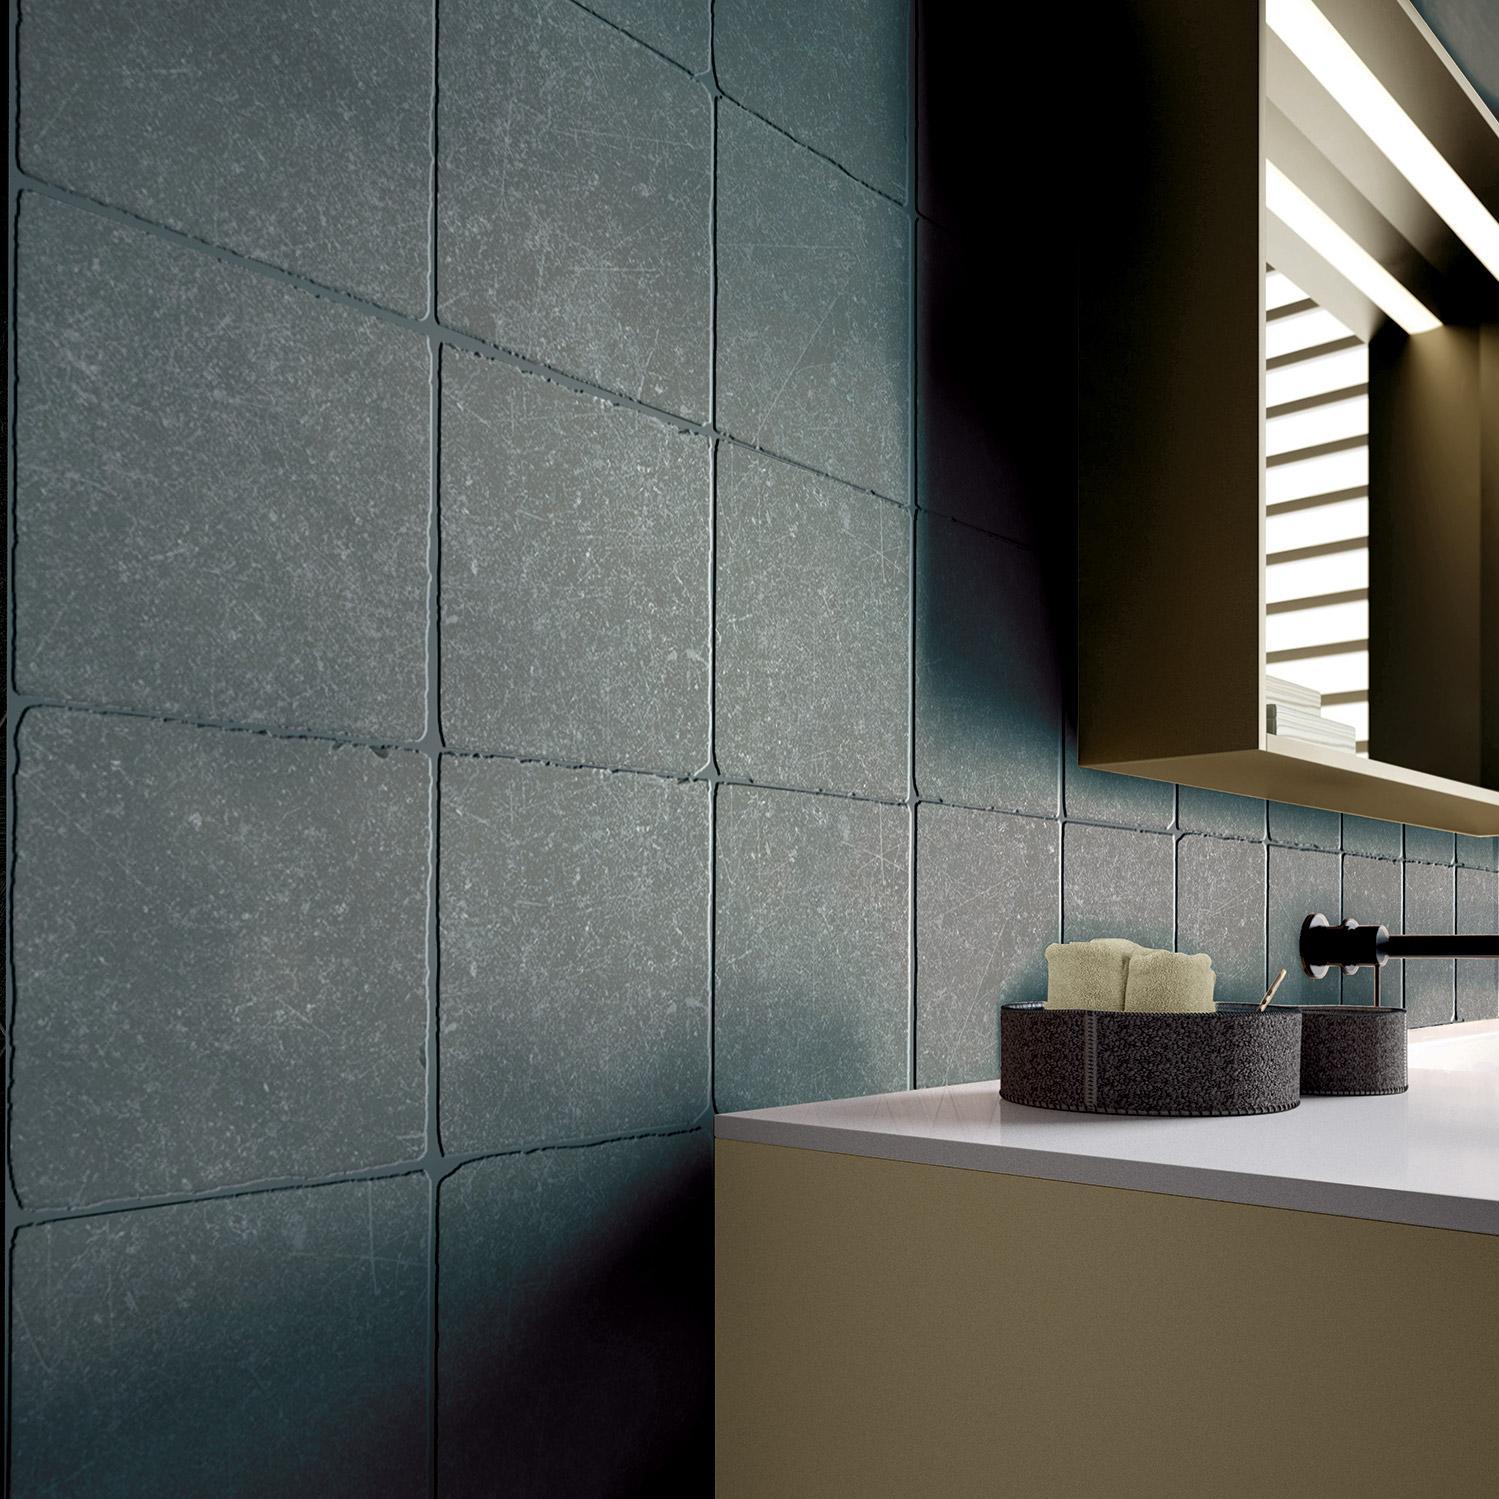 Des Sols Et Des Murs Avis carrelage sol et mur intenso effet pierre noir cassel l.20 x l.20 cm ariana